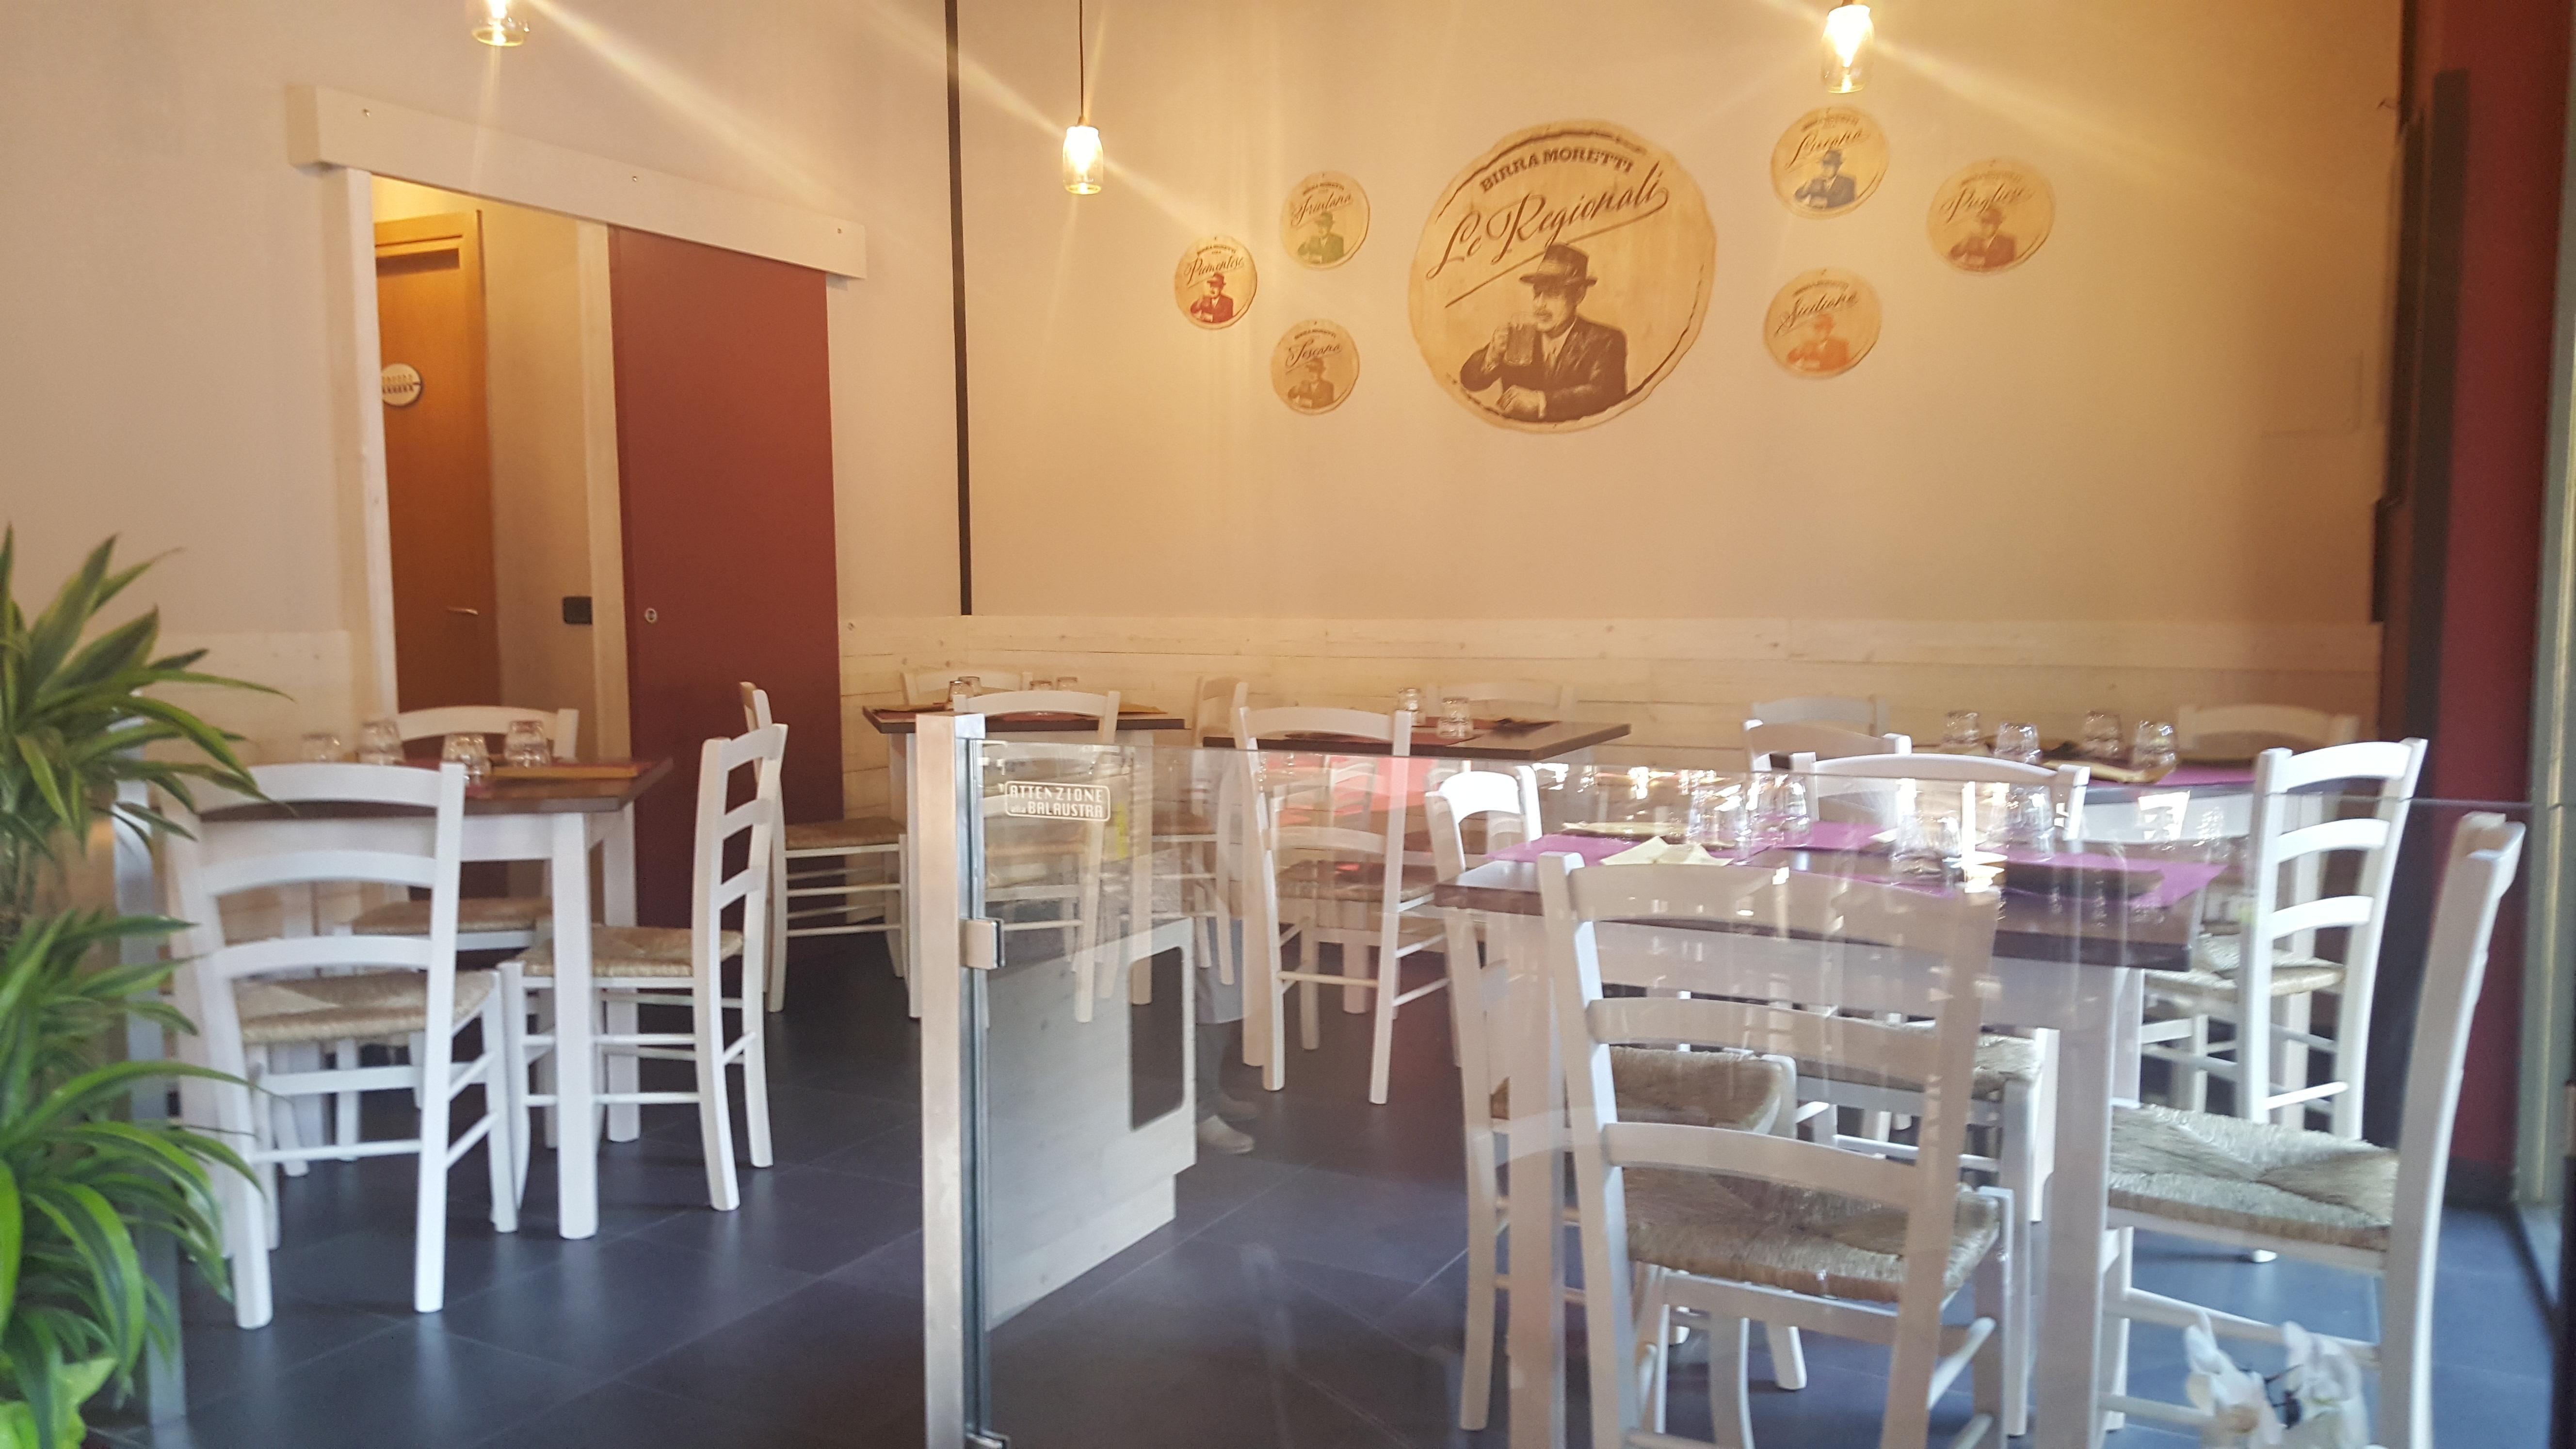 Pin di sedie tavoli ristoranti maiero su arredi eseguiti - Tavoli e sedie per pizzeria ...